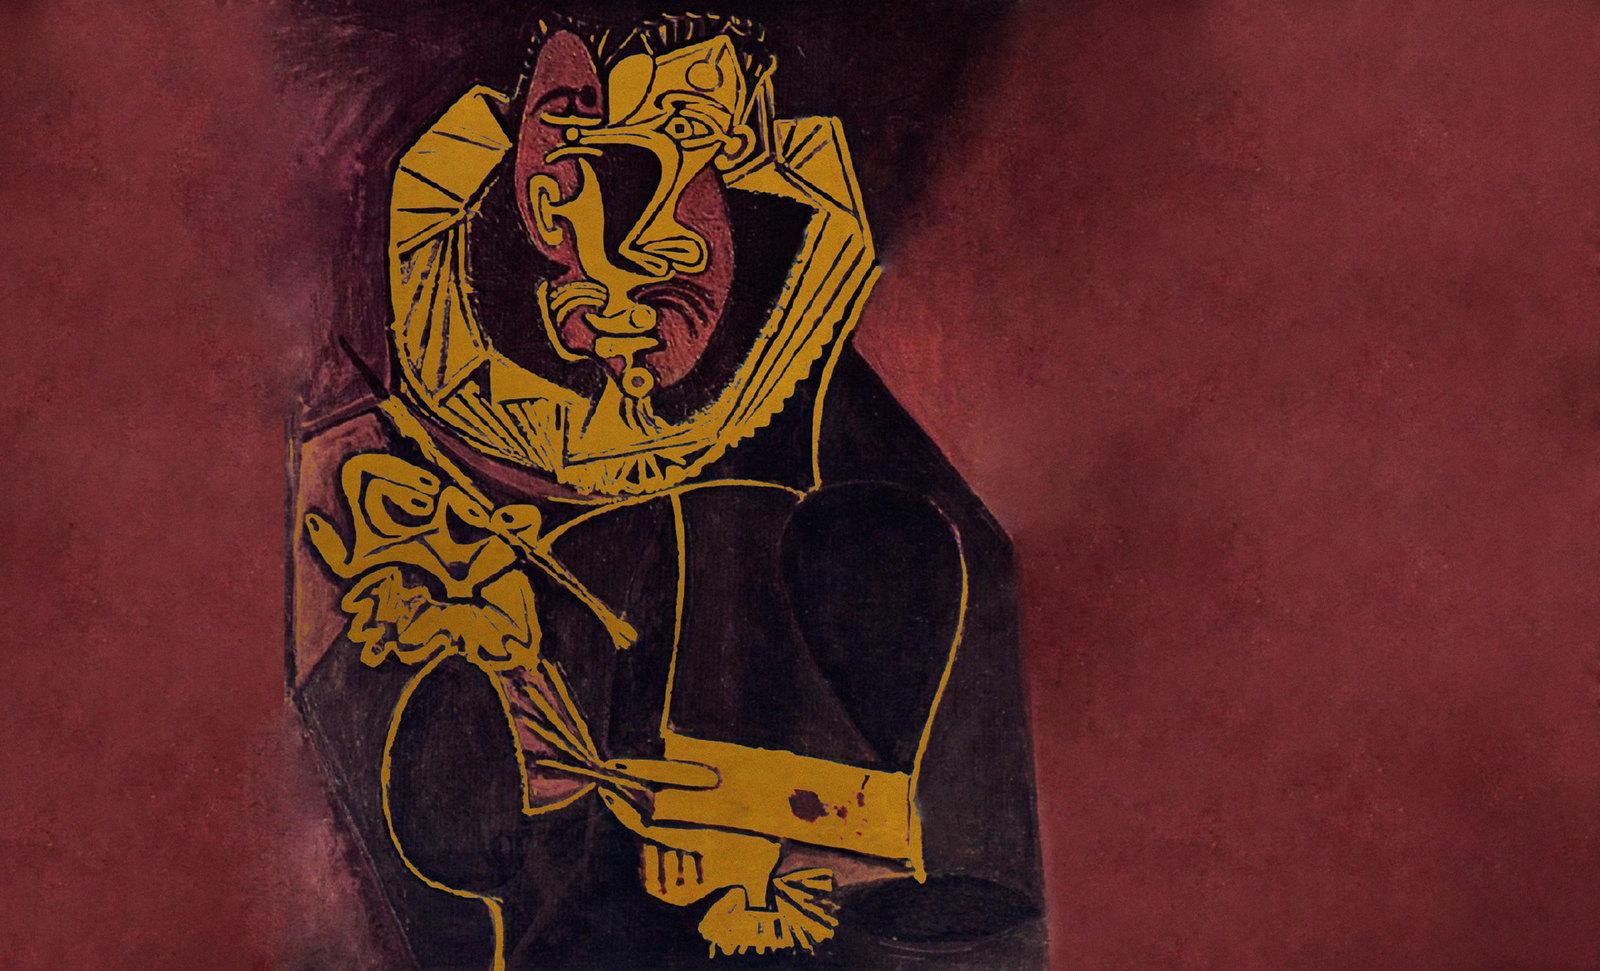 Autoretrato, pulsión de Doménikus Theokópoulos el Greco (1603), extrapolación de Pablo Picasso (1950).